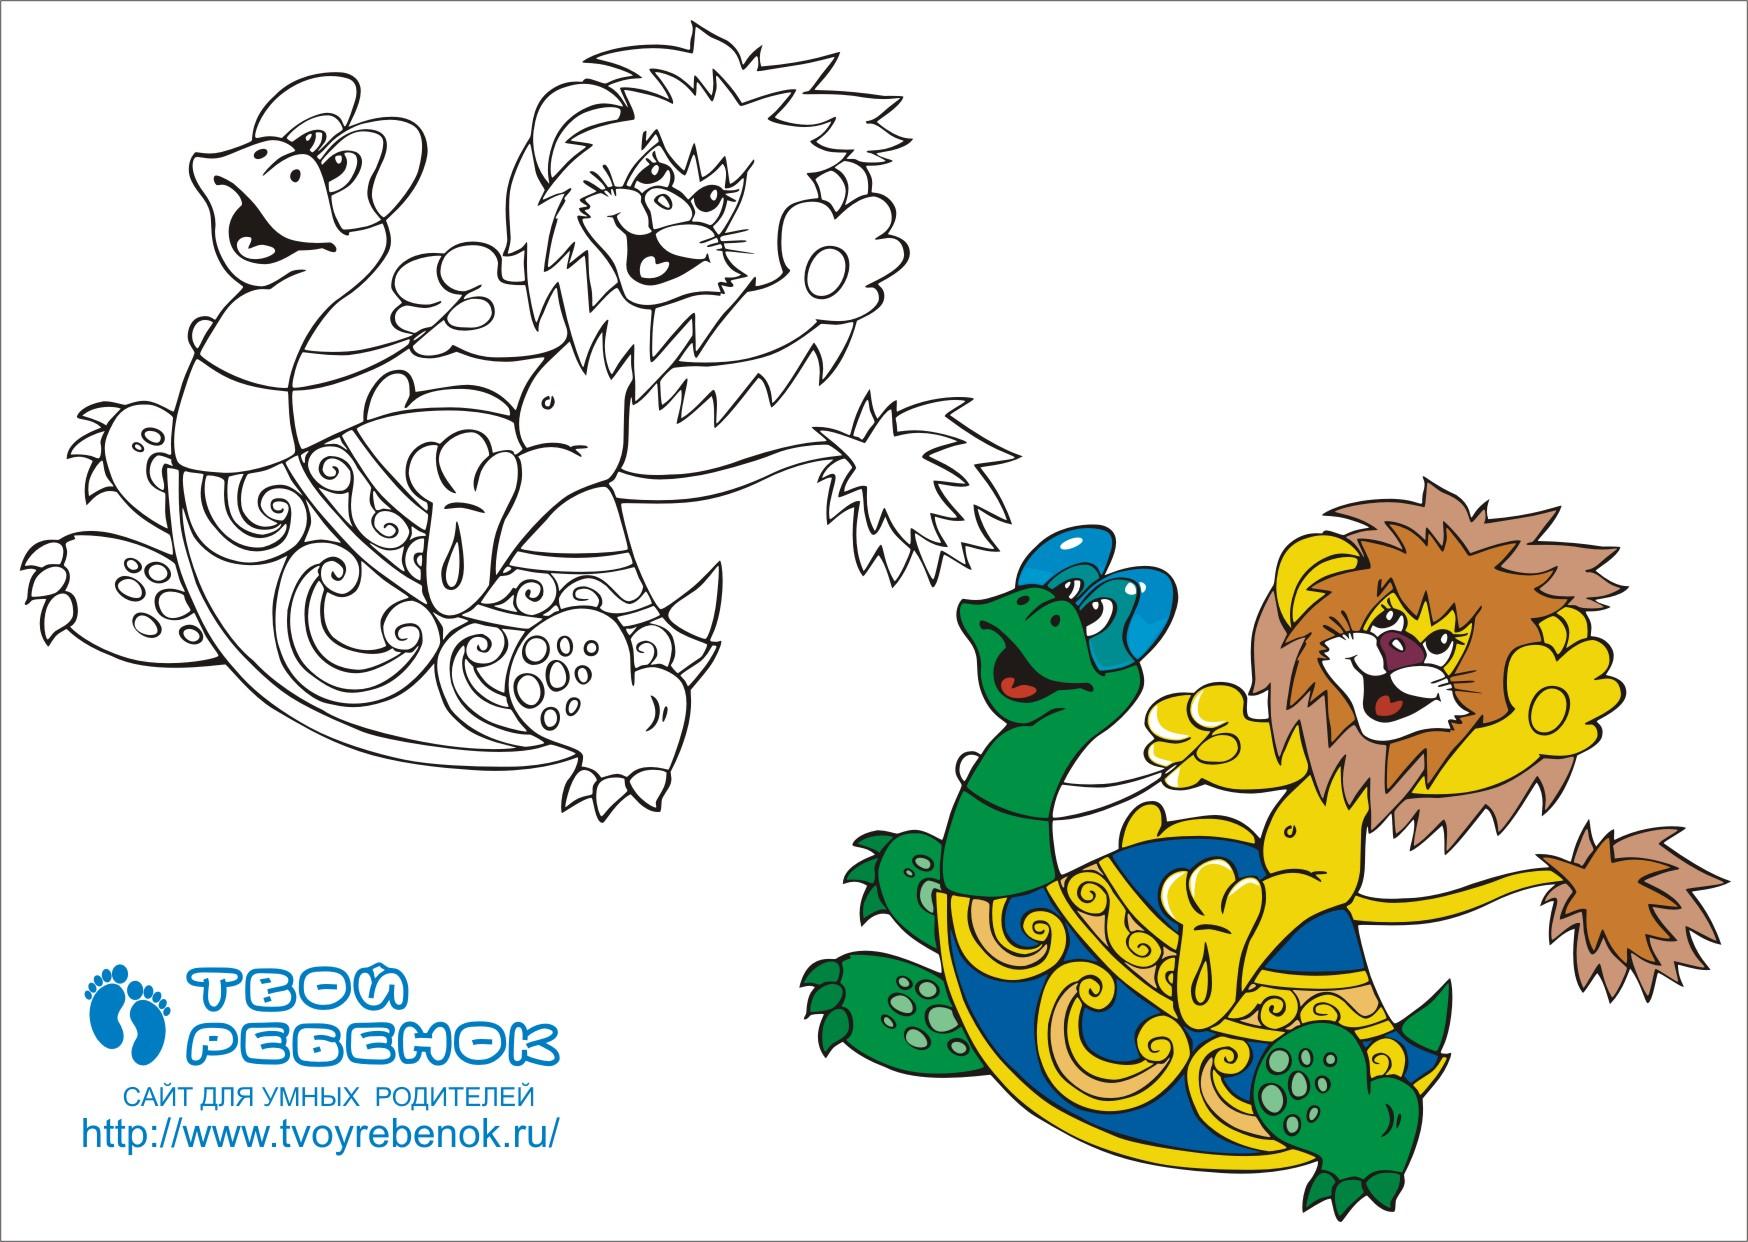 Раскраска Черепаха и Львенок | Скачать бесплатно!